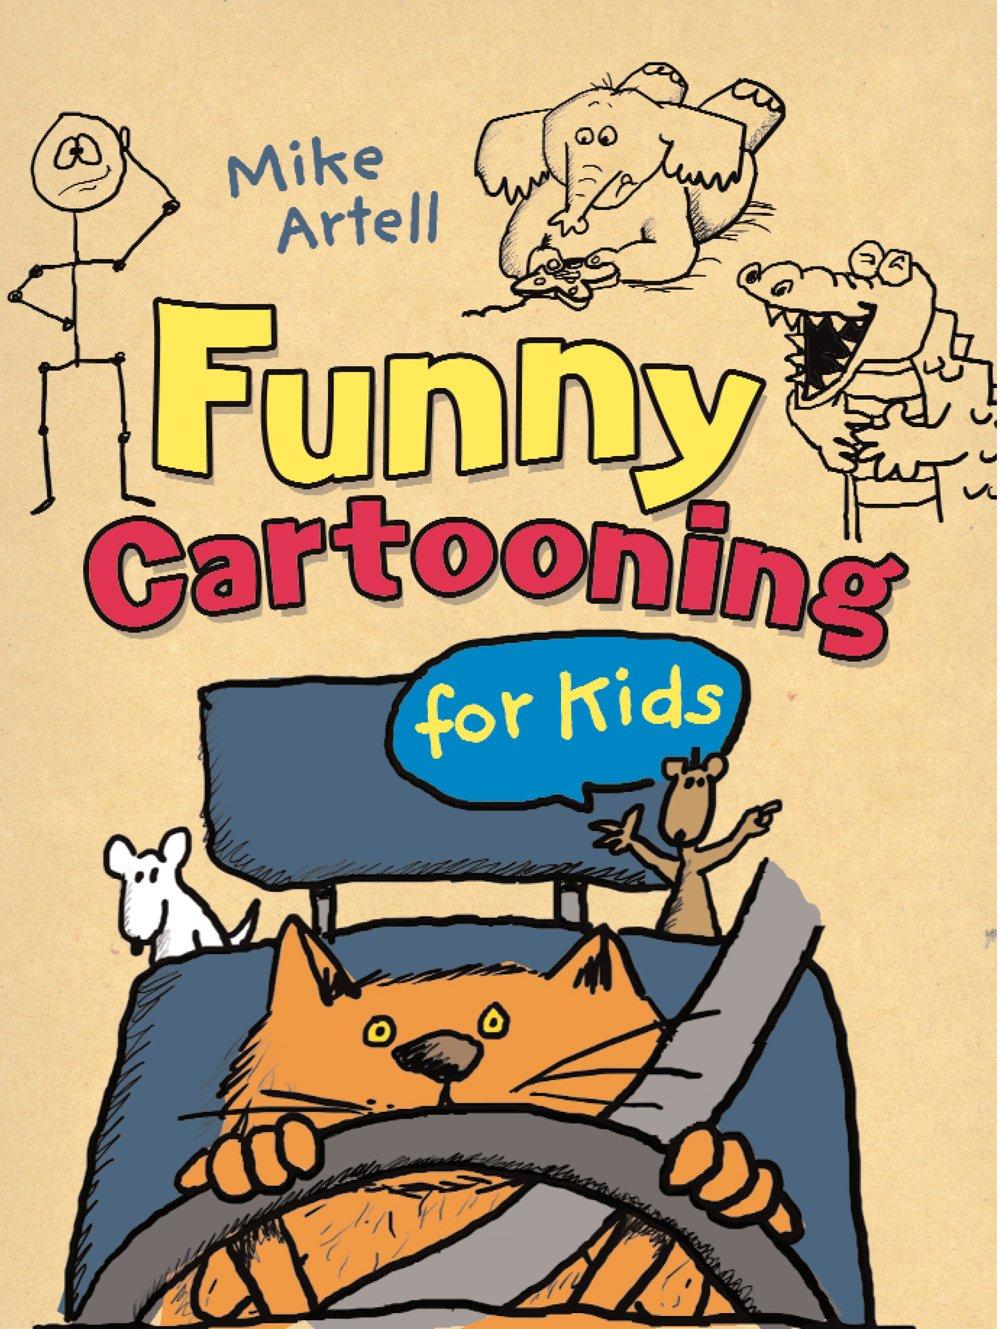 Funny Cartooning for Kids